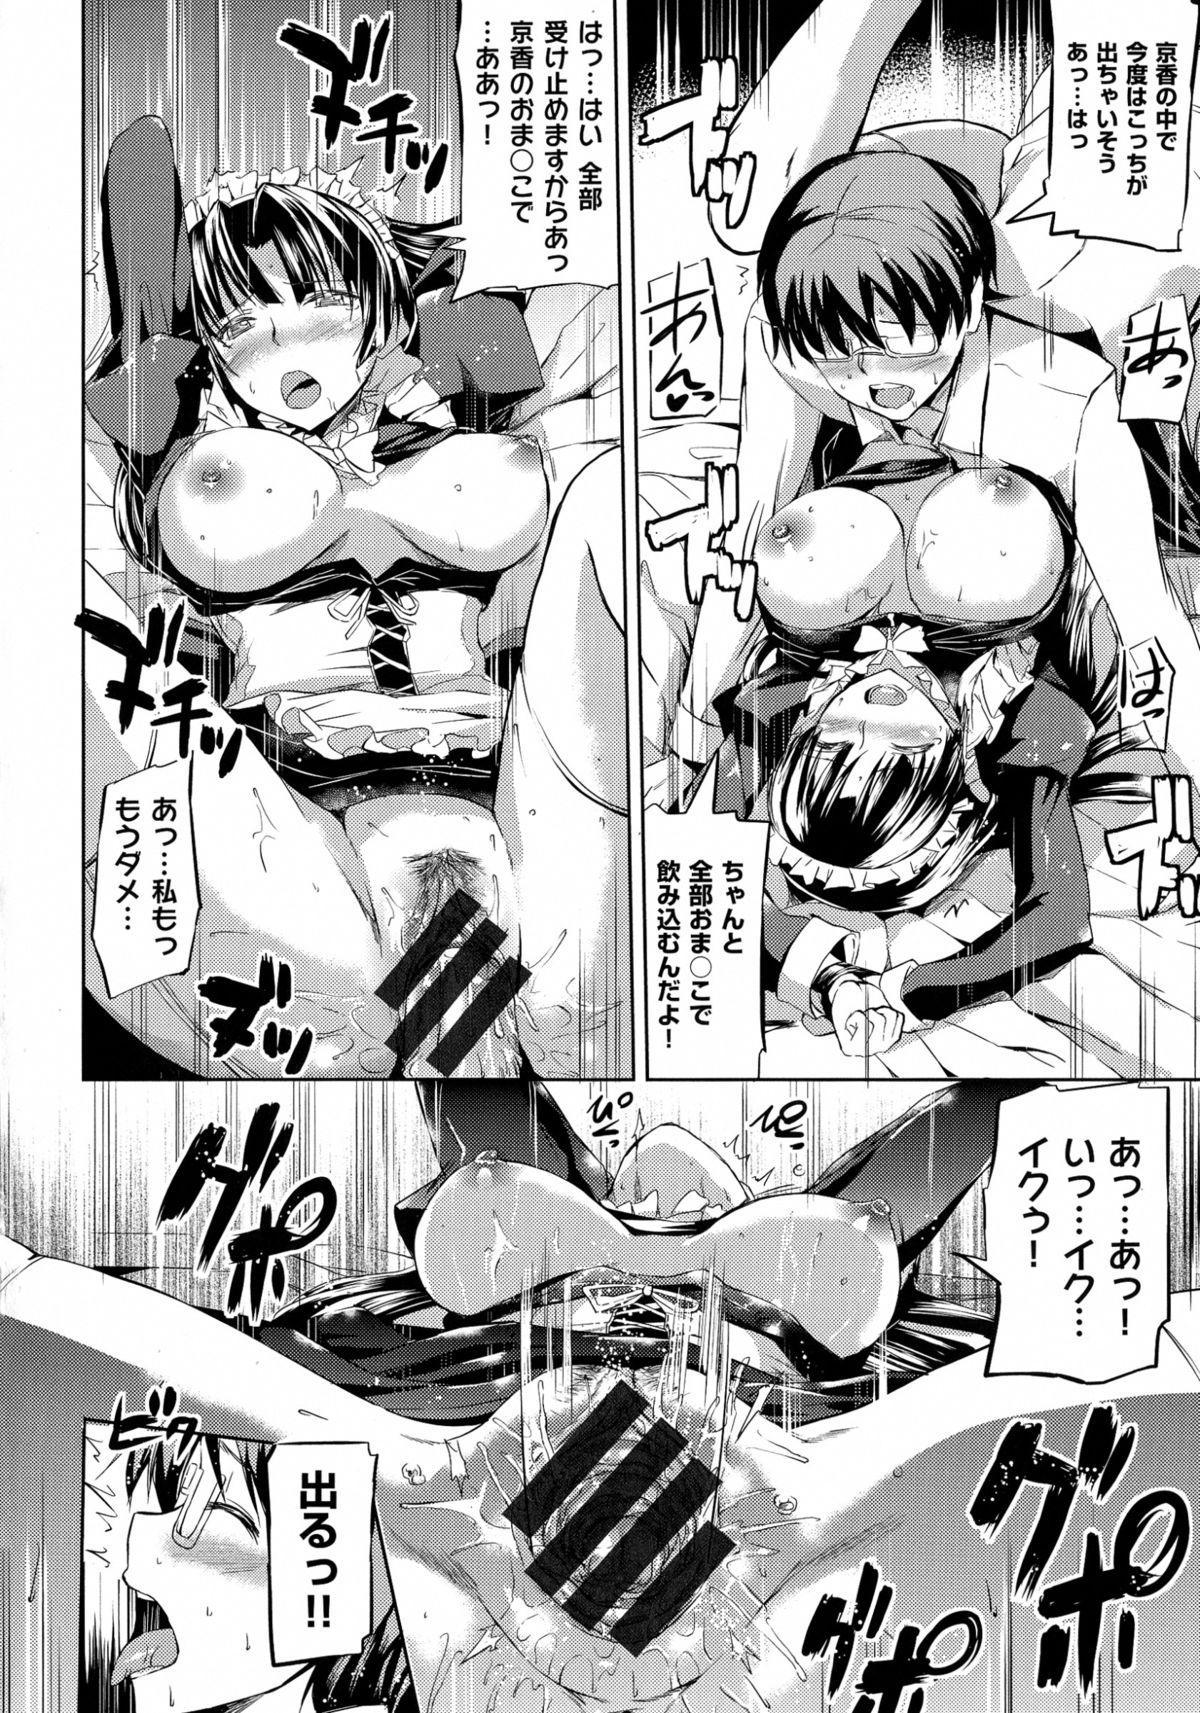 Ojou-sama no Maid Jijou 120